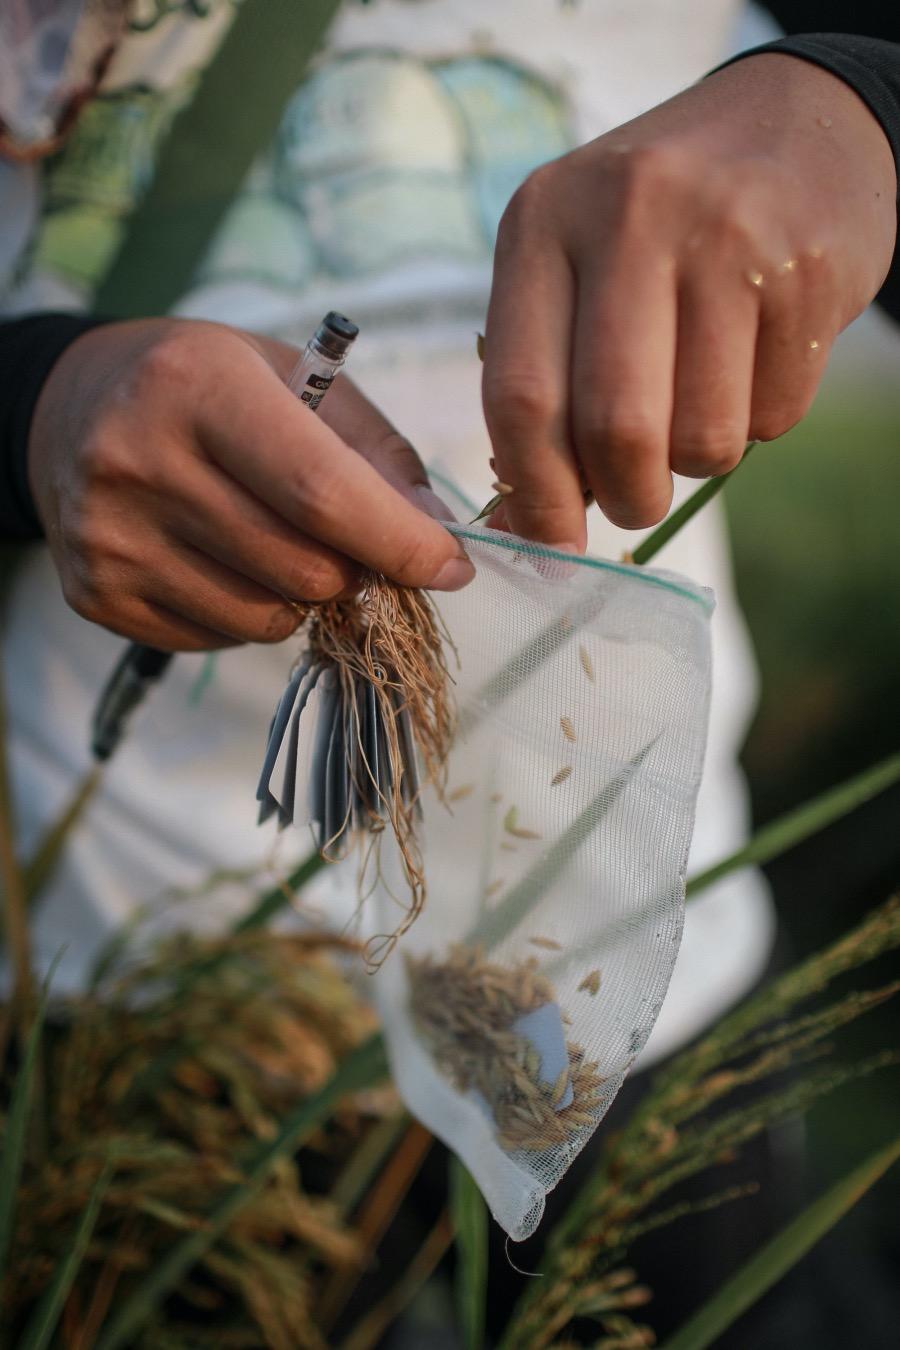 2021年4月6日,科研人員將選取的海水稻材料從稻穗上捋下,手工進行脫粒并裝袋。